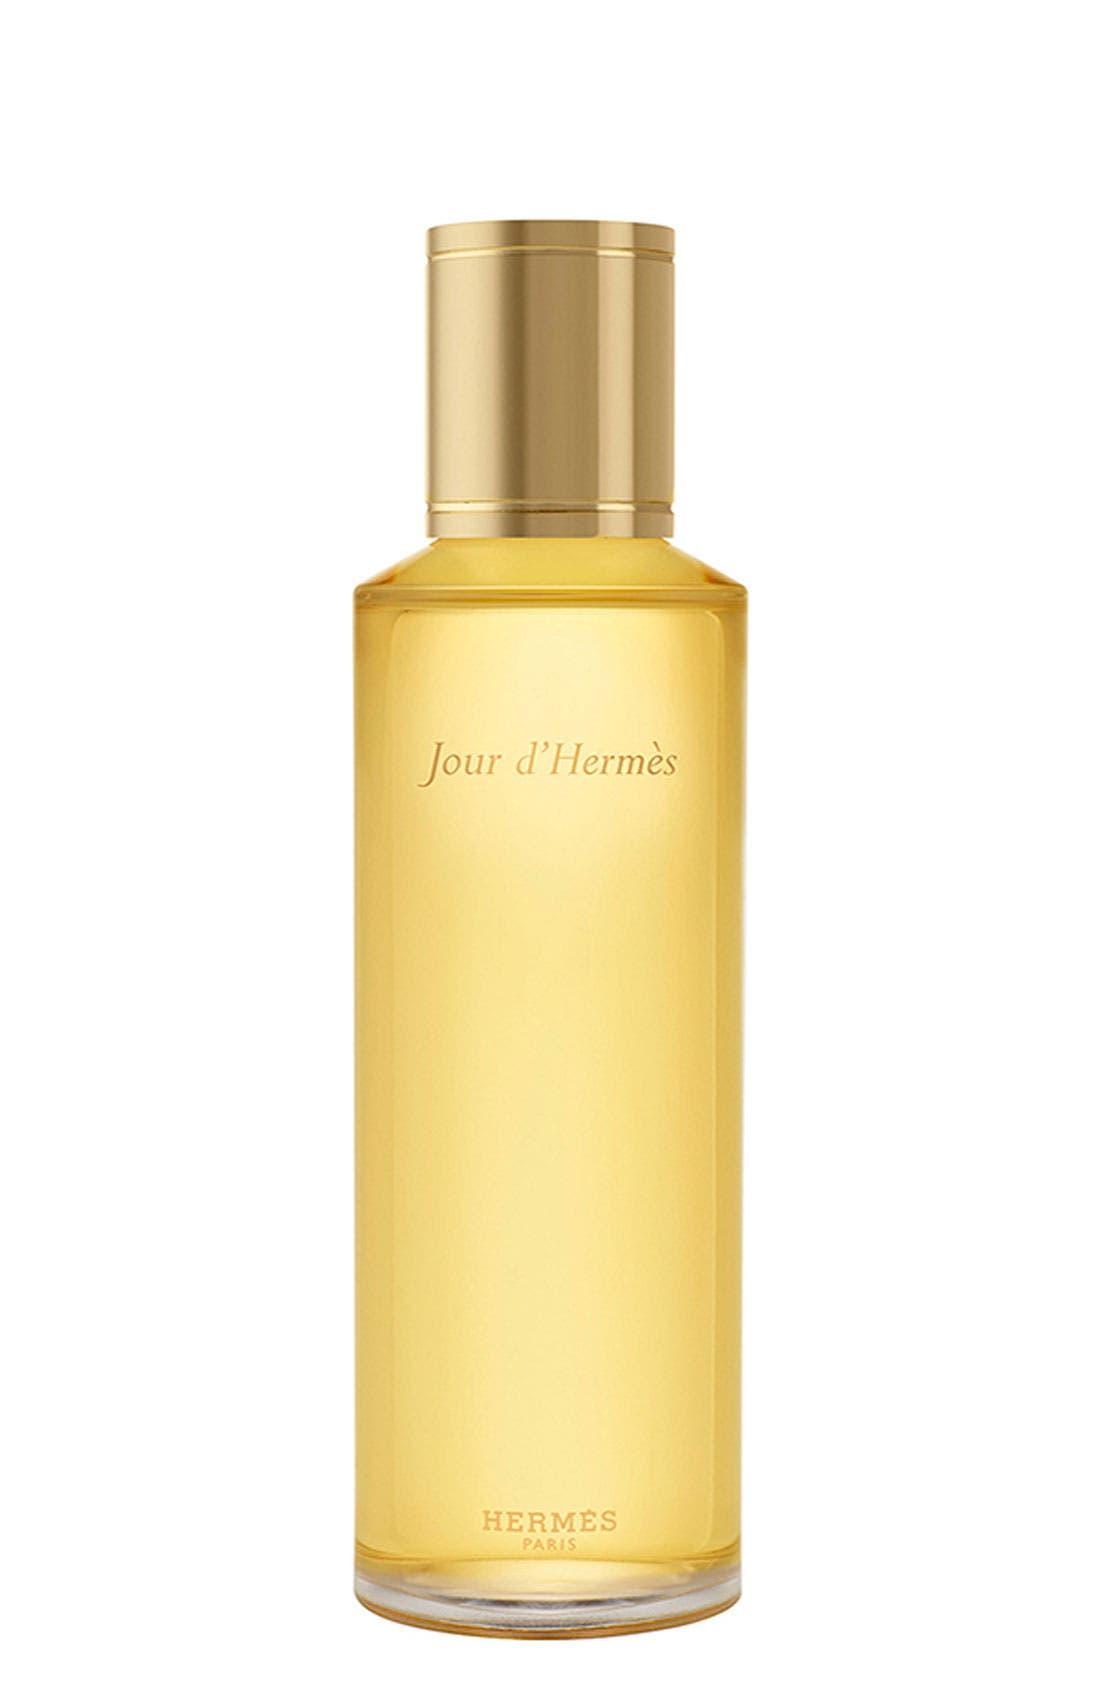 HERMÈS Jour d'Hermès - Eau de parfum, Main, color, 000